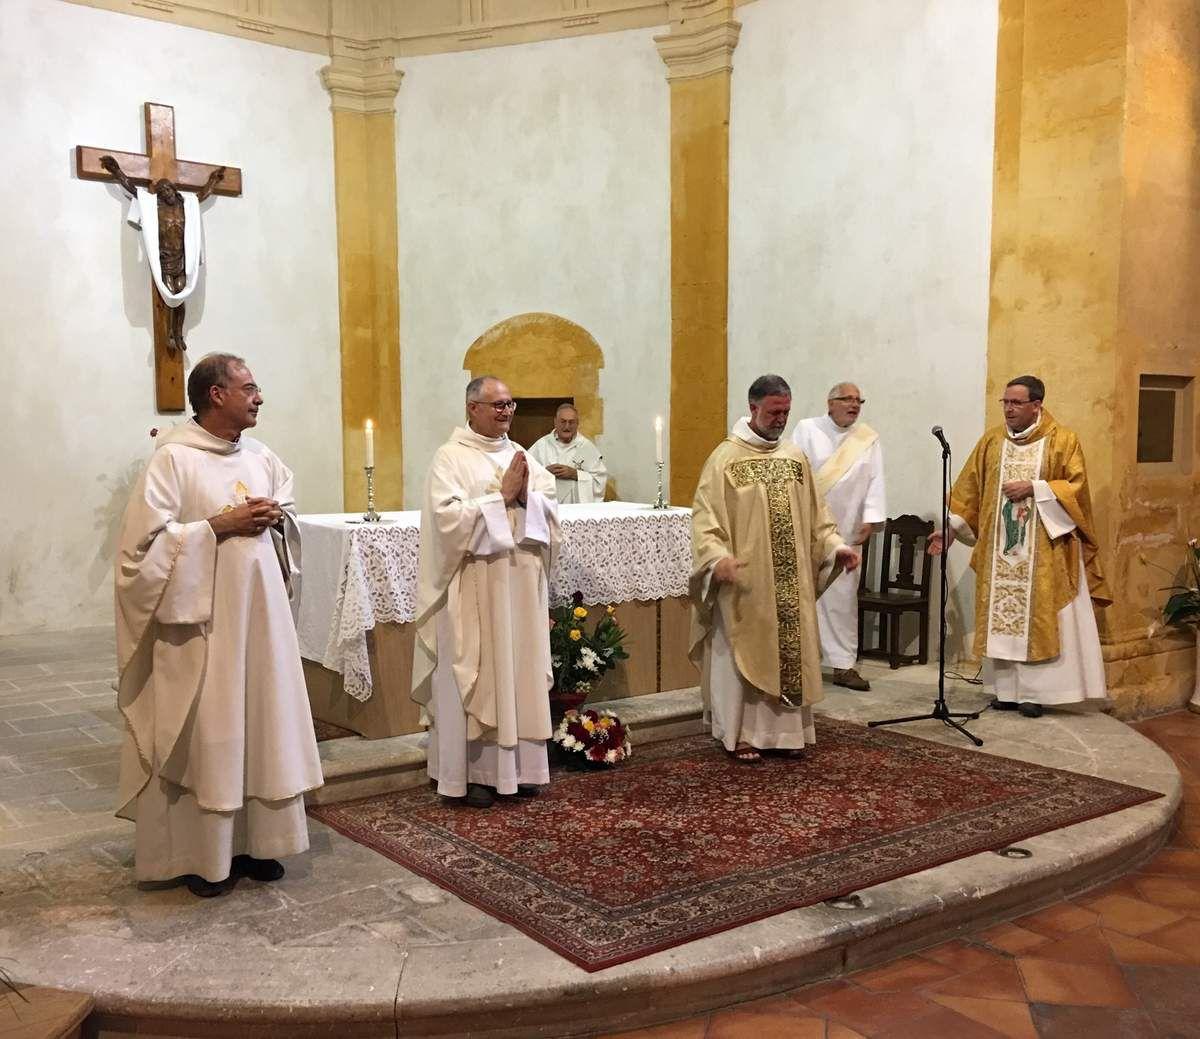 Les Pères Thierry CHARPENTIER, Jean-Luc MICHEL, Michel ISOARD et Benoît DELABRE ont célèbré ensemble leurs 25 ans de sacerdoce.